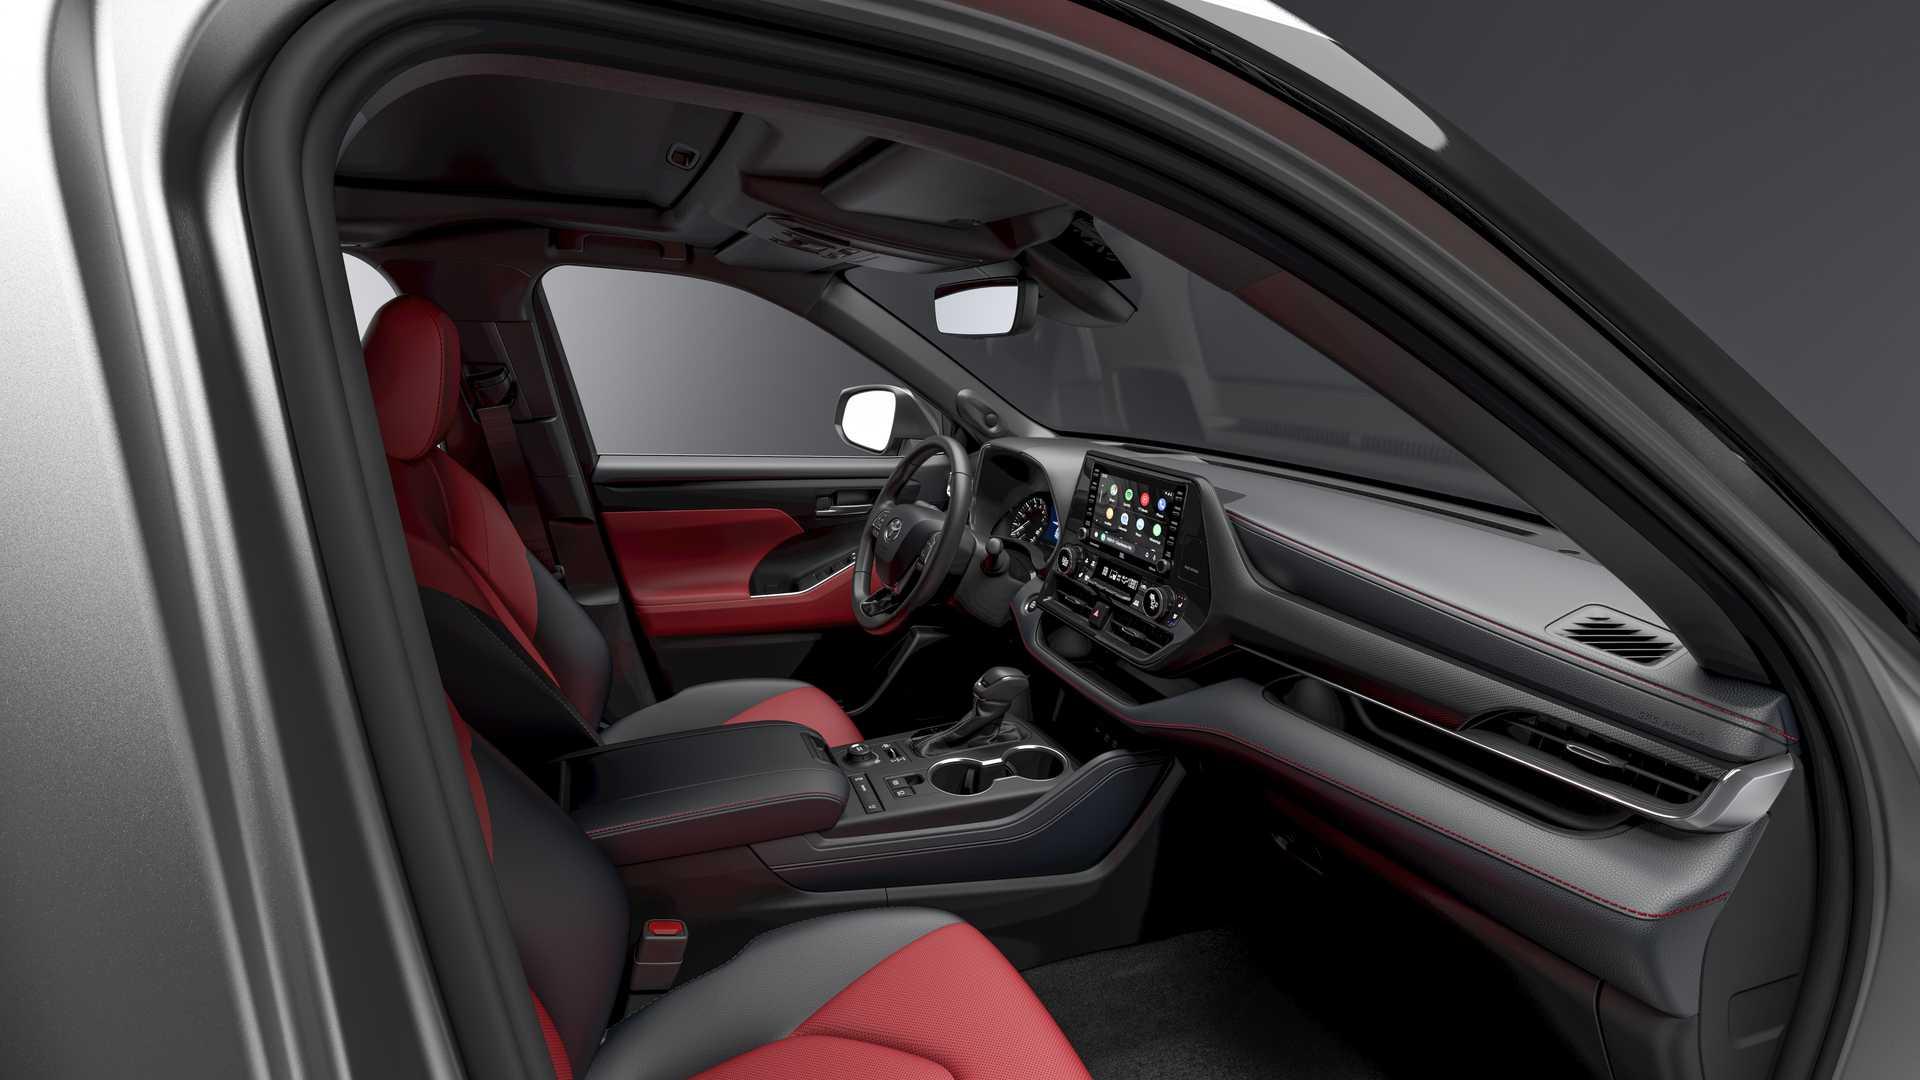 Toyota Highlander XSE 2021 hoàn toàn mới, đậm chất thể thao - 5